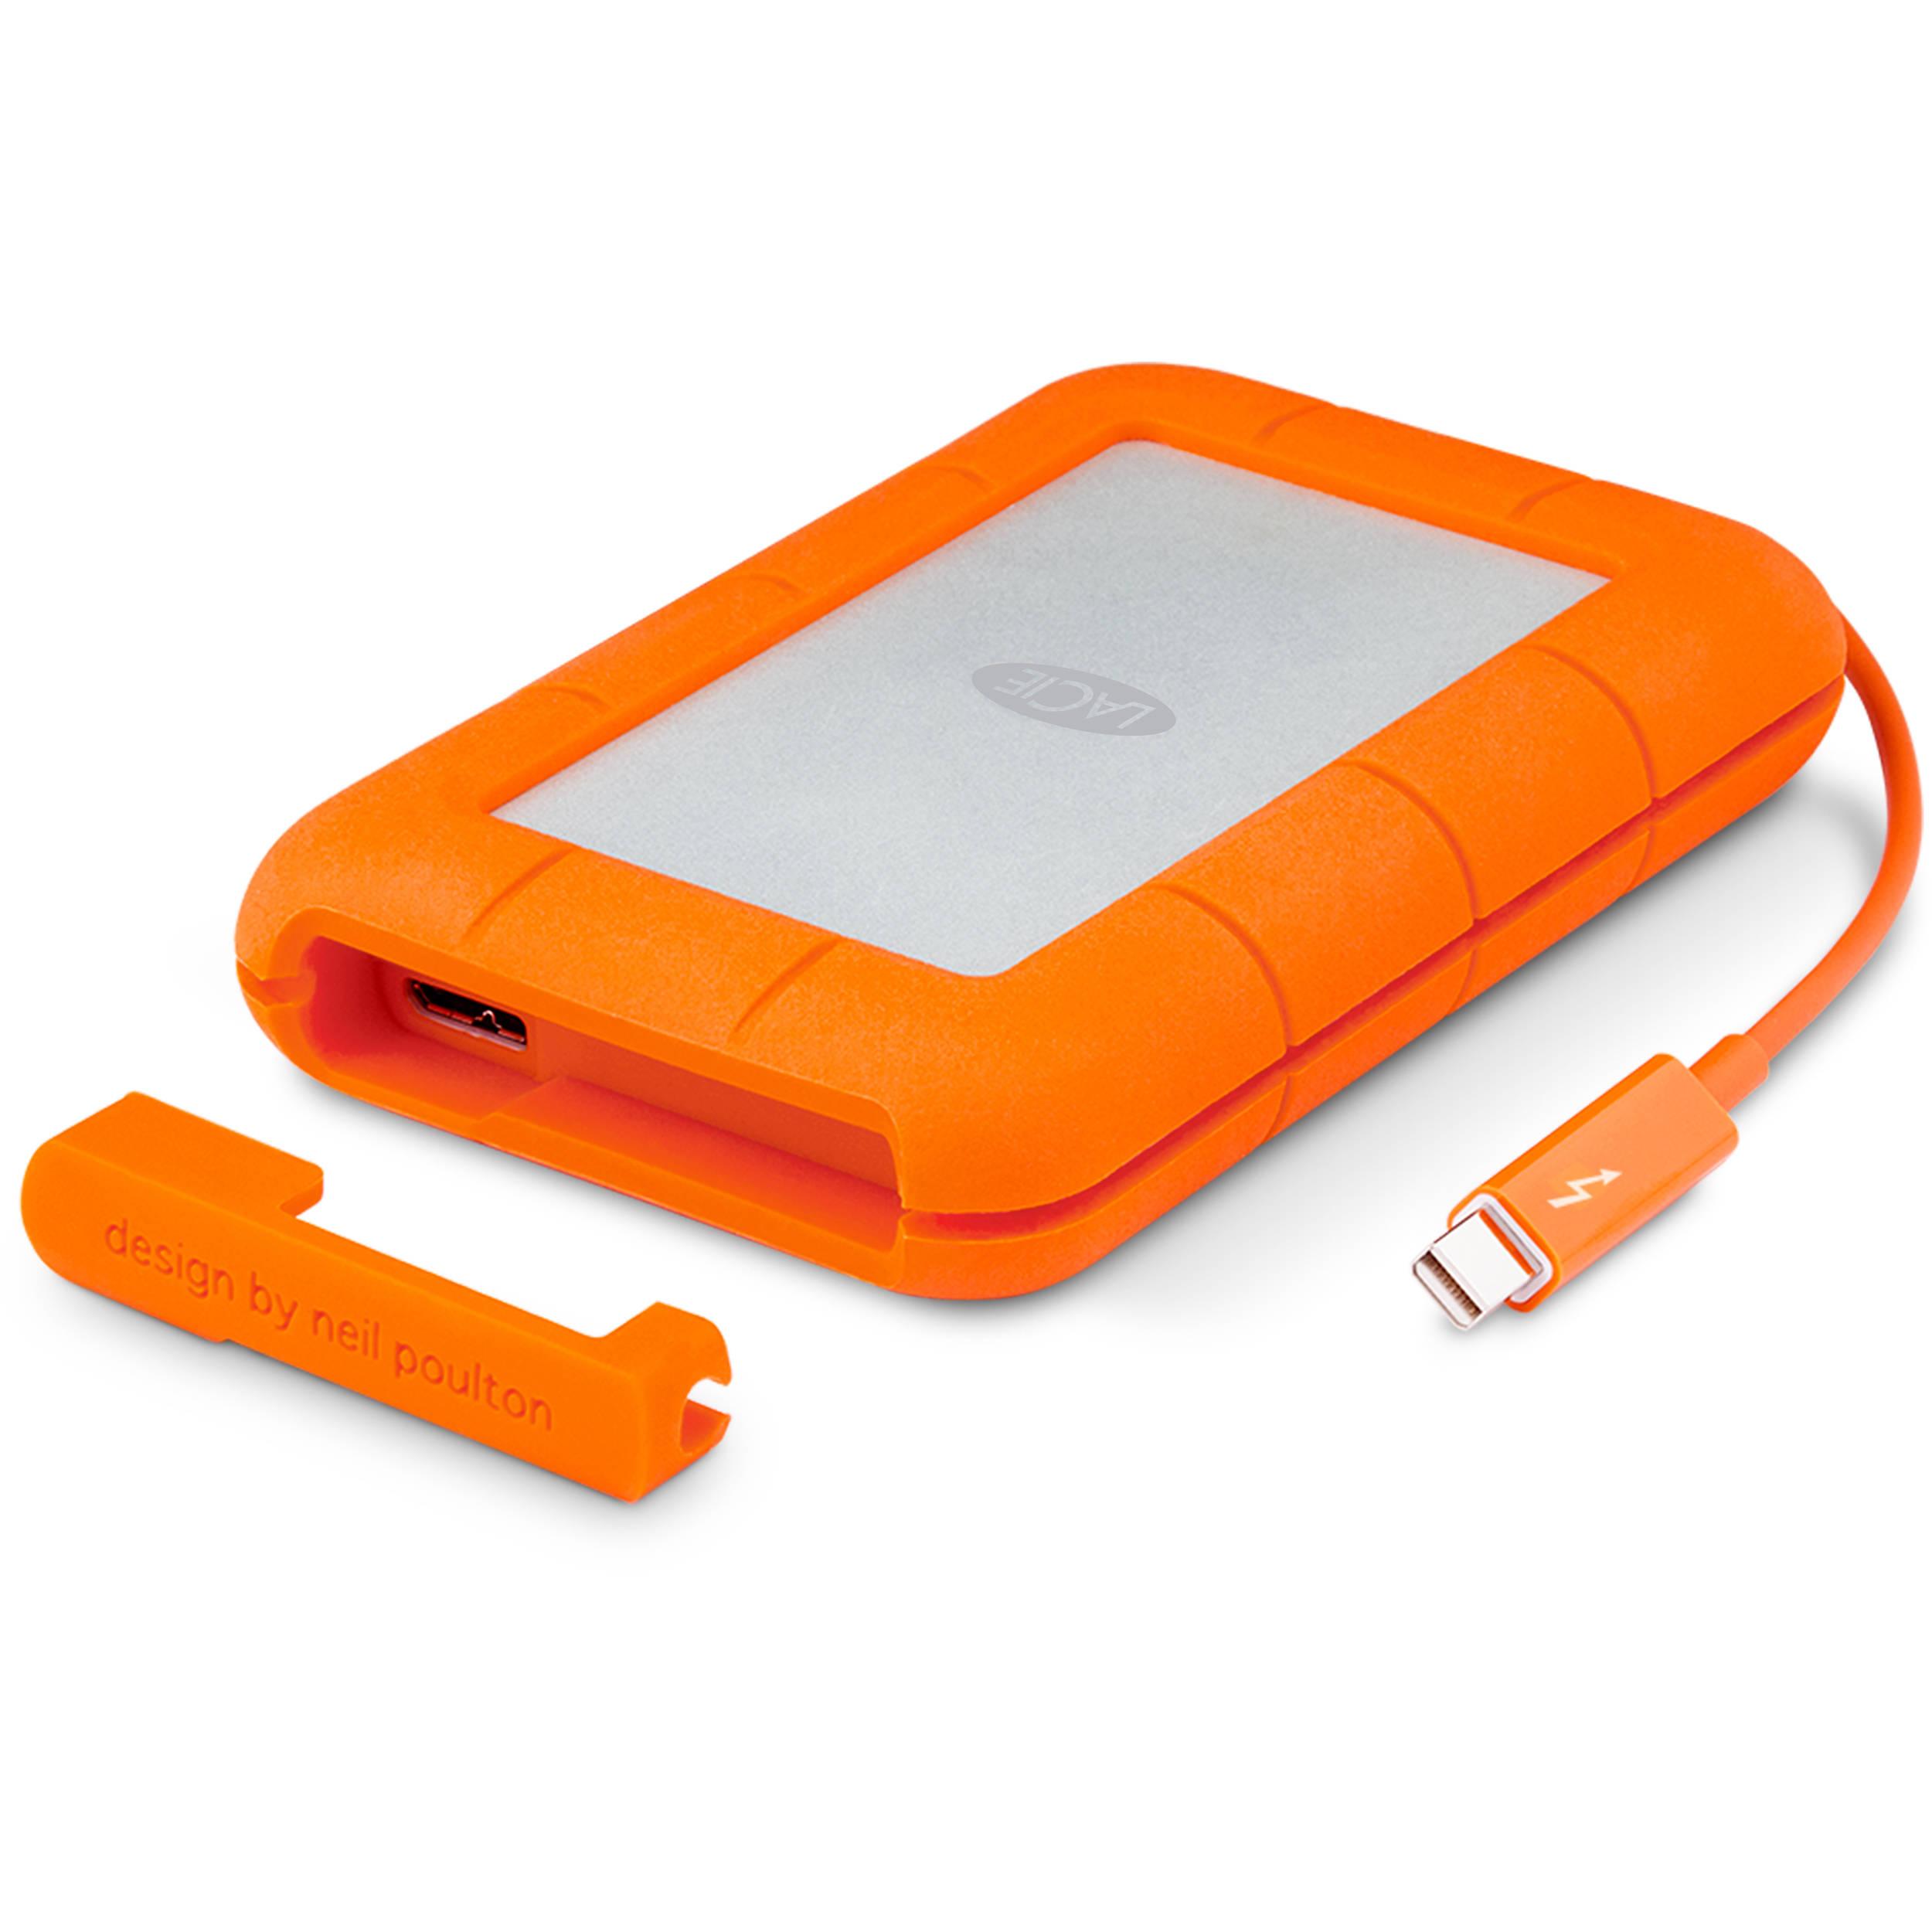 2TB portable external HDD